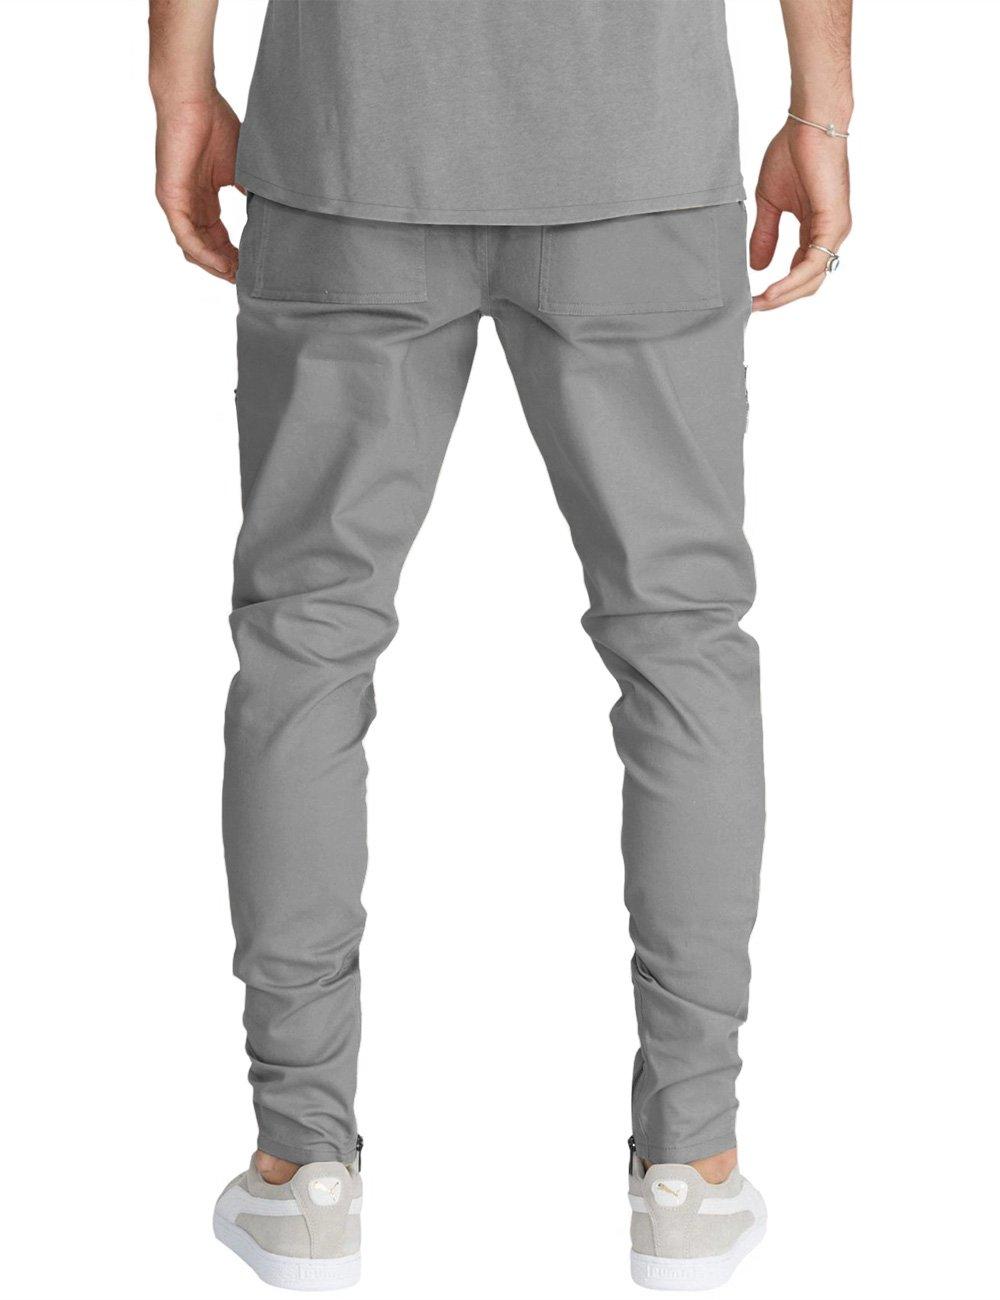 Pantaloni da Lavoro in Cotone 100/% Multi Stagione Vestibilit/à Regular Tasche Laterali Portametro Bande Reflex CHEMAGLIETTE Taglia: XXL Colore: Nero